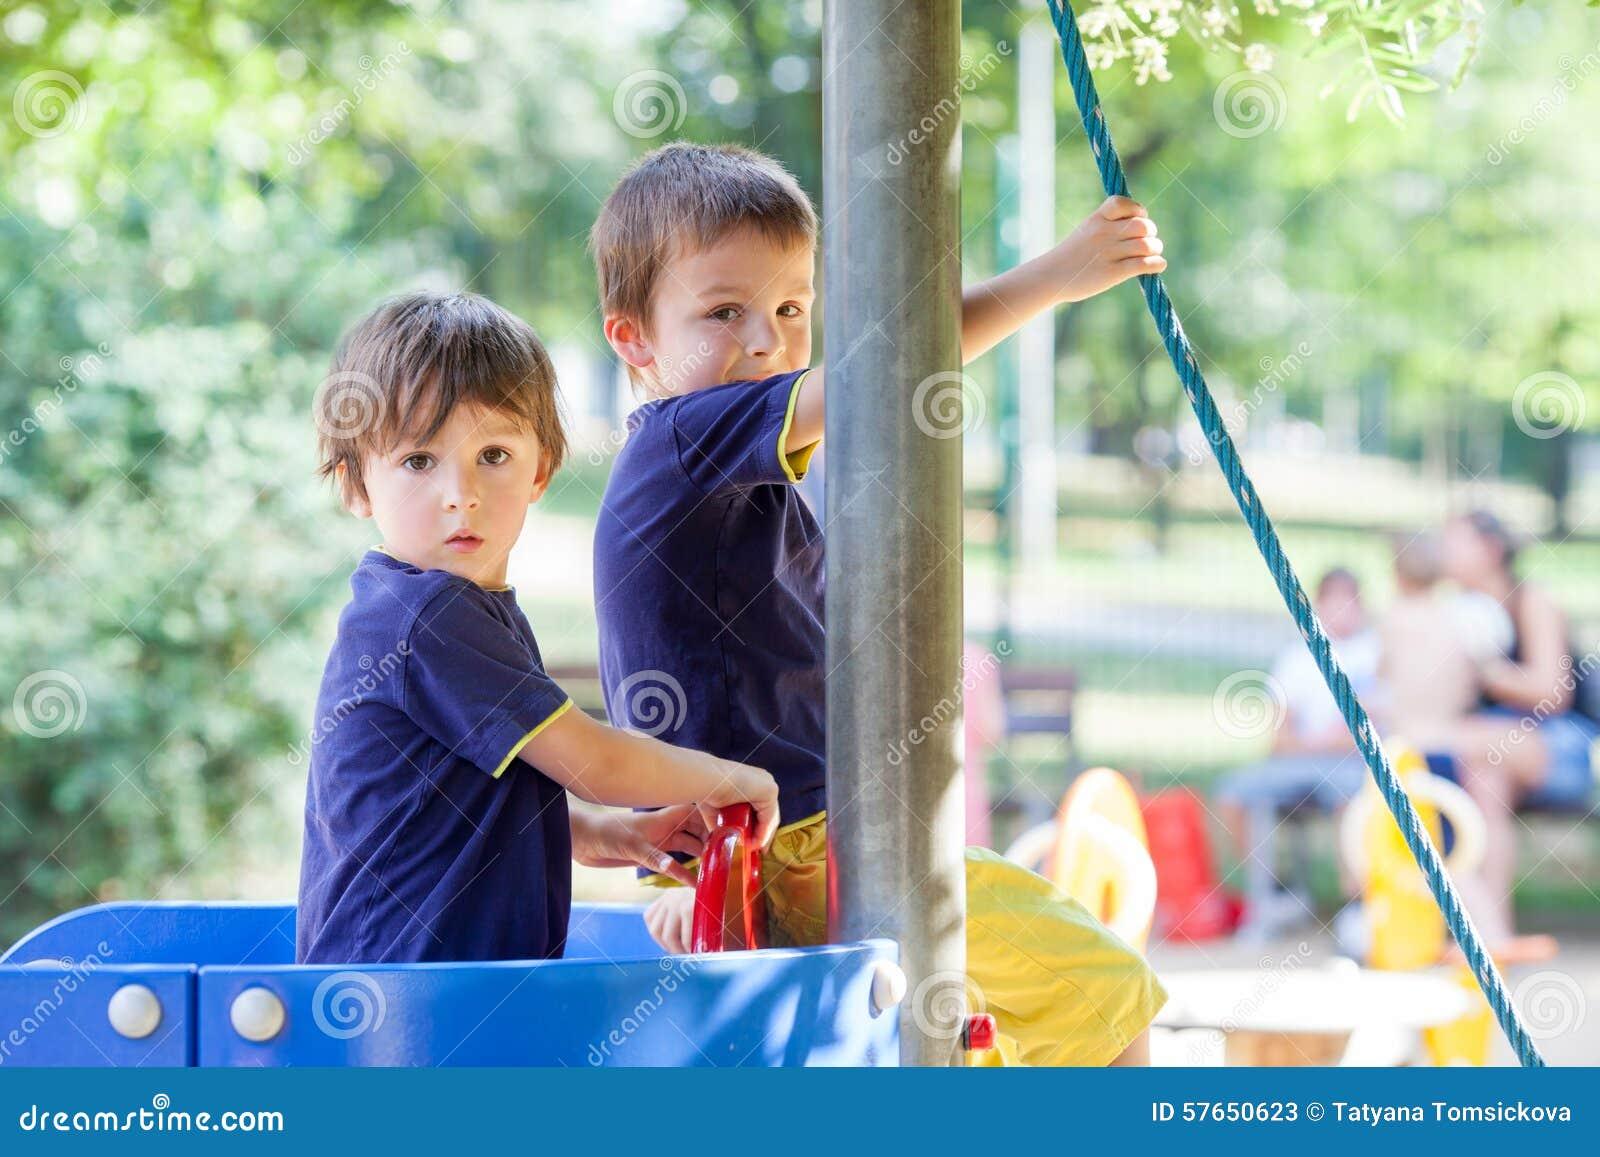 Dwa słodkiej chłopiec, bracia, bawić się w łodzi na boisku